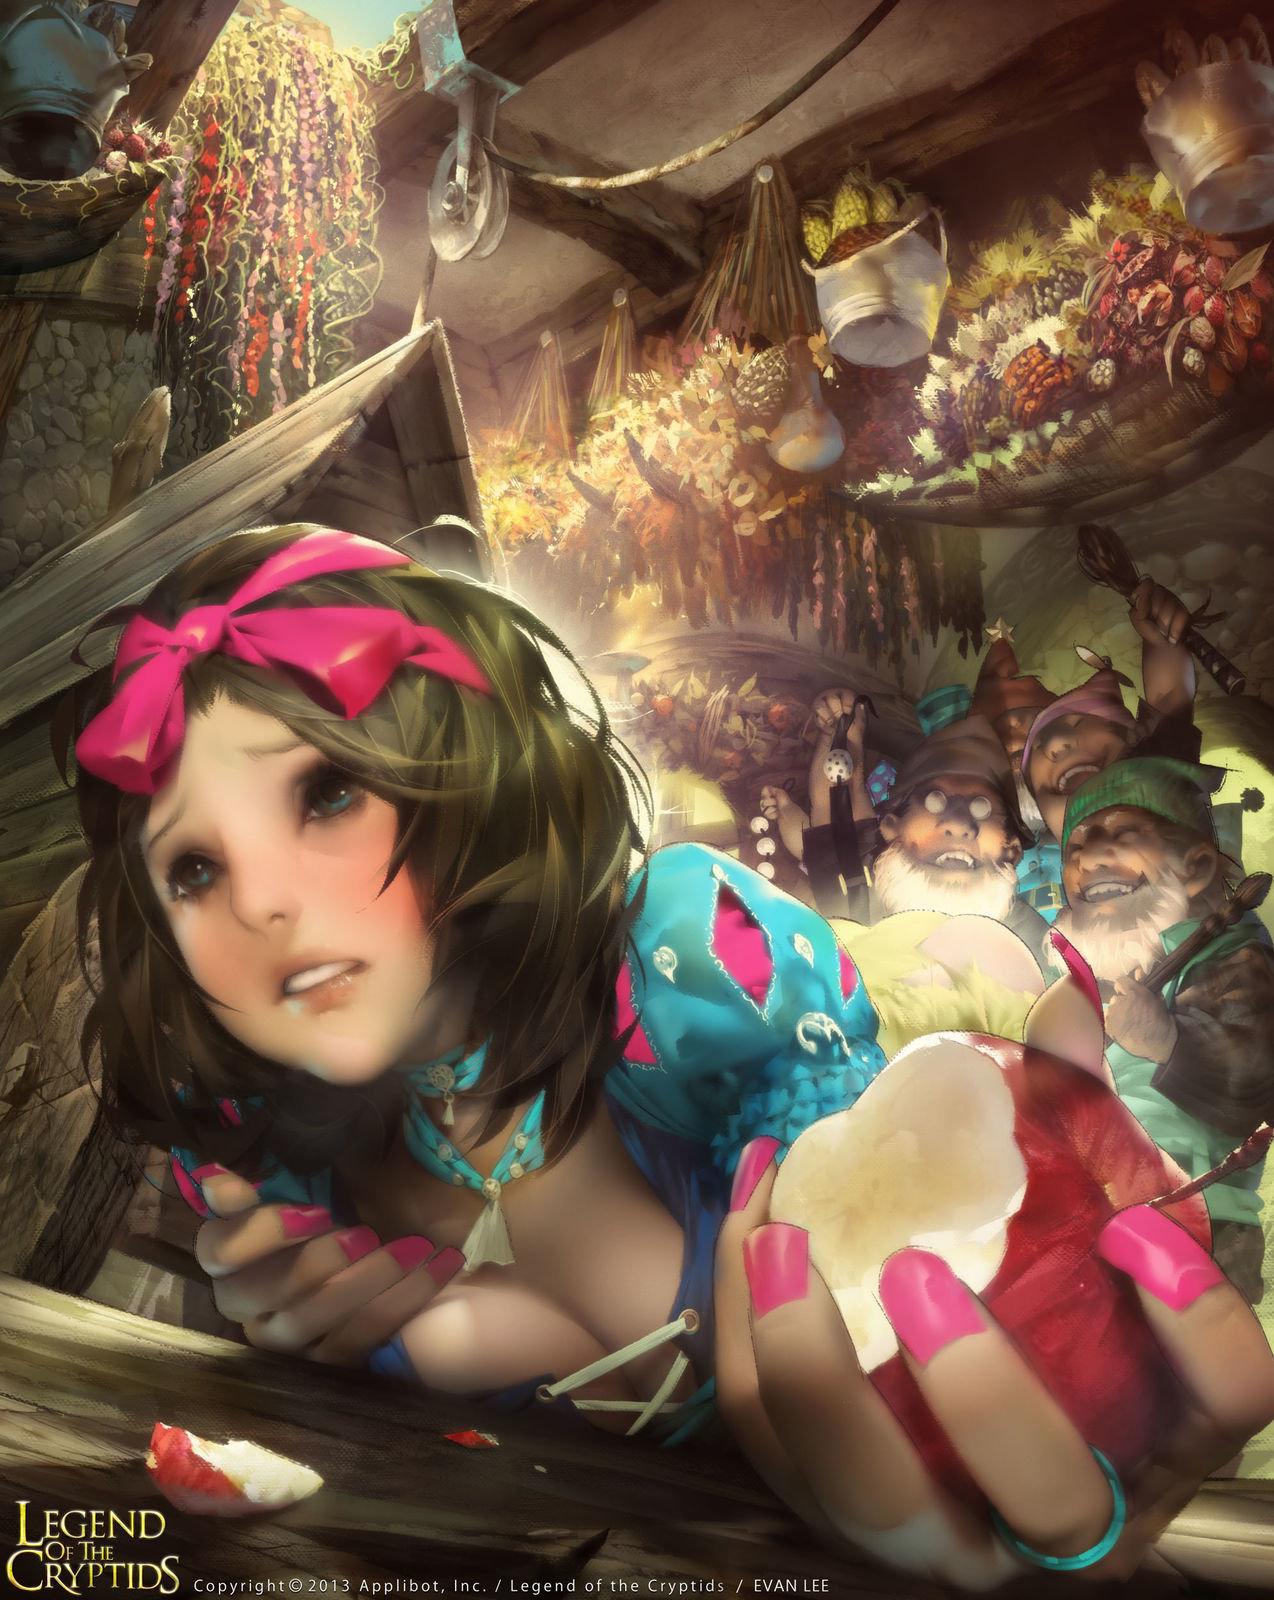 Snow white 7 dwarfs part 1 - 1 part 1